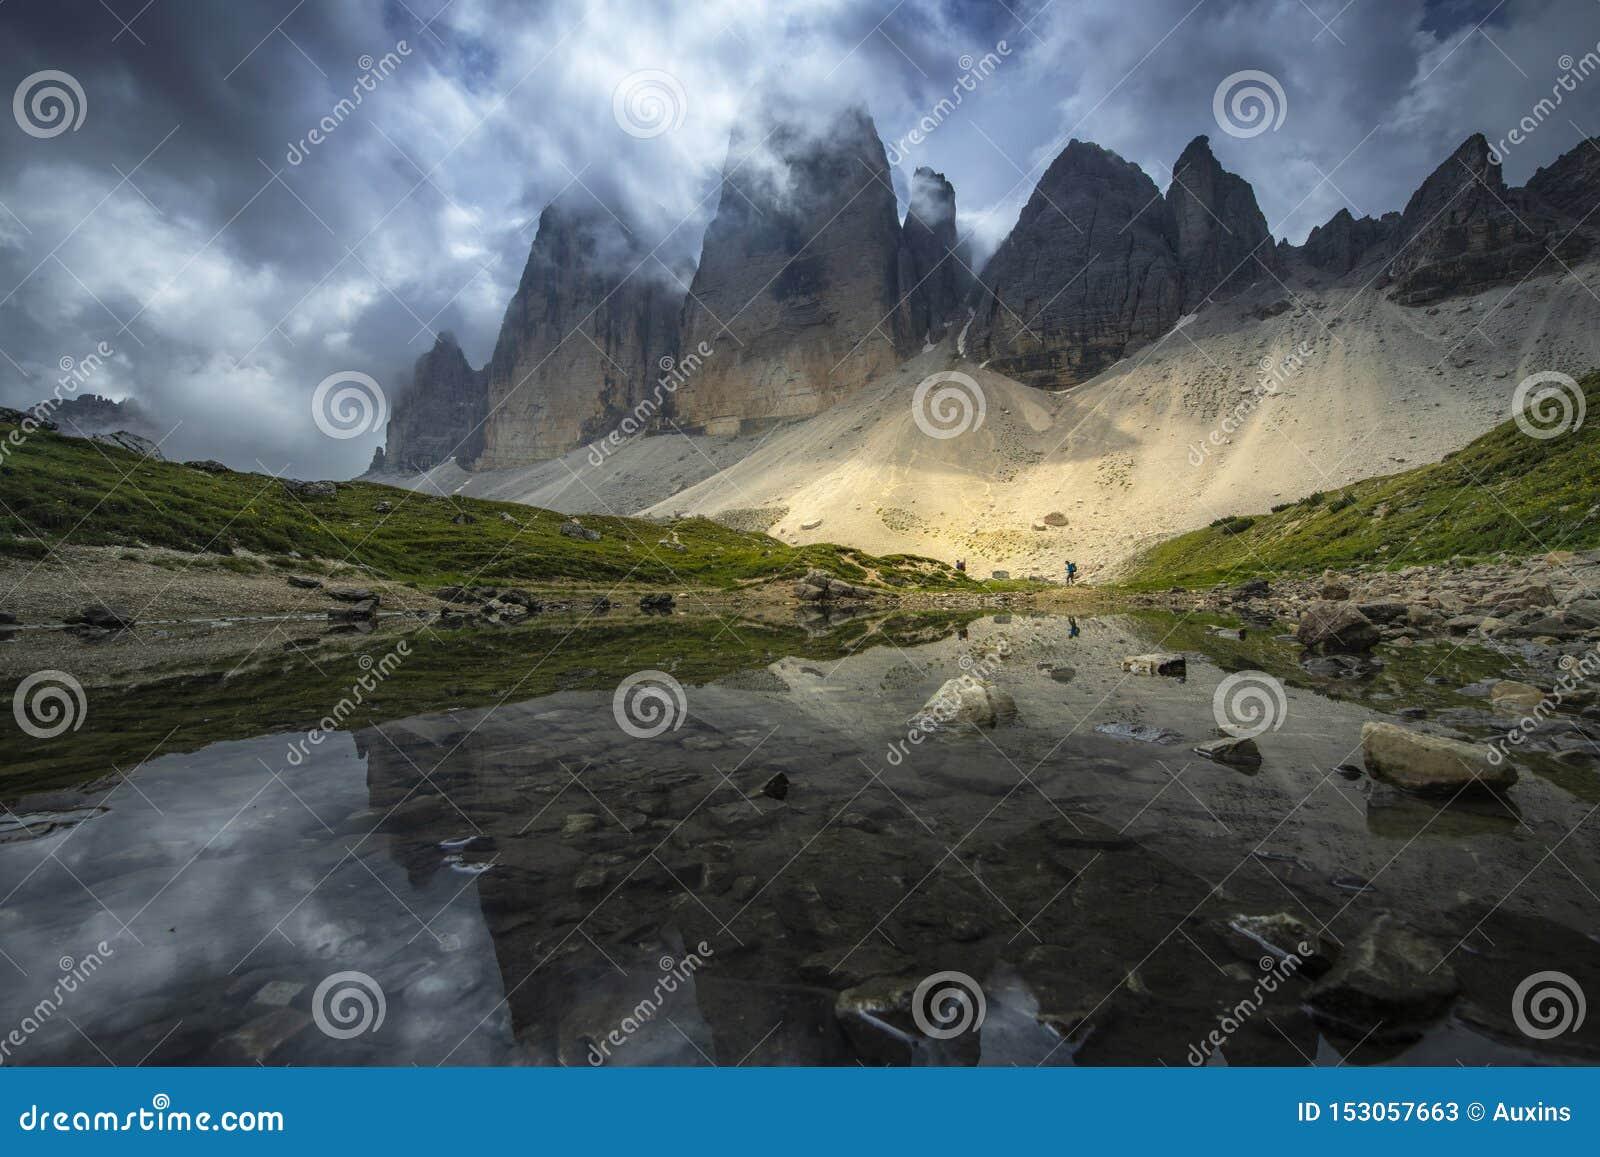 Les beaux paysages regardent de la réflexion de la montagne sur la rivière avec le ciel bleu l été de Tre Cime, dolomites, Italie